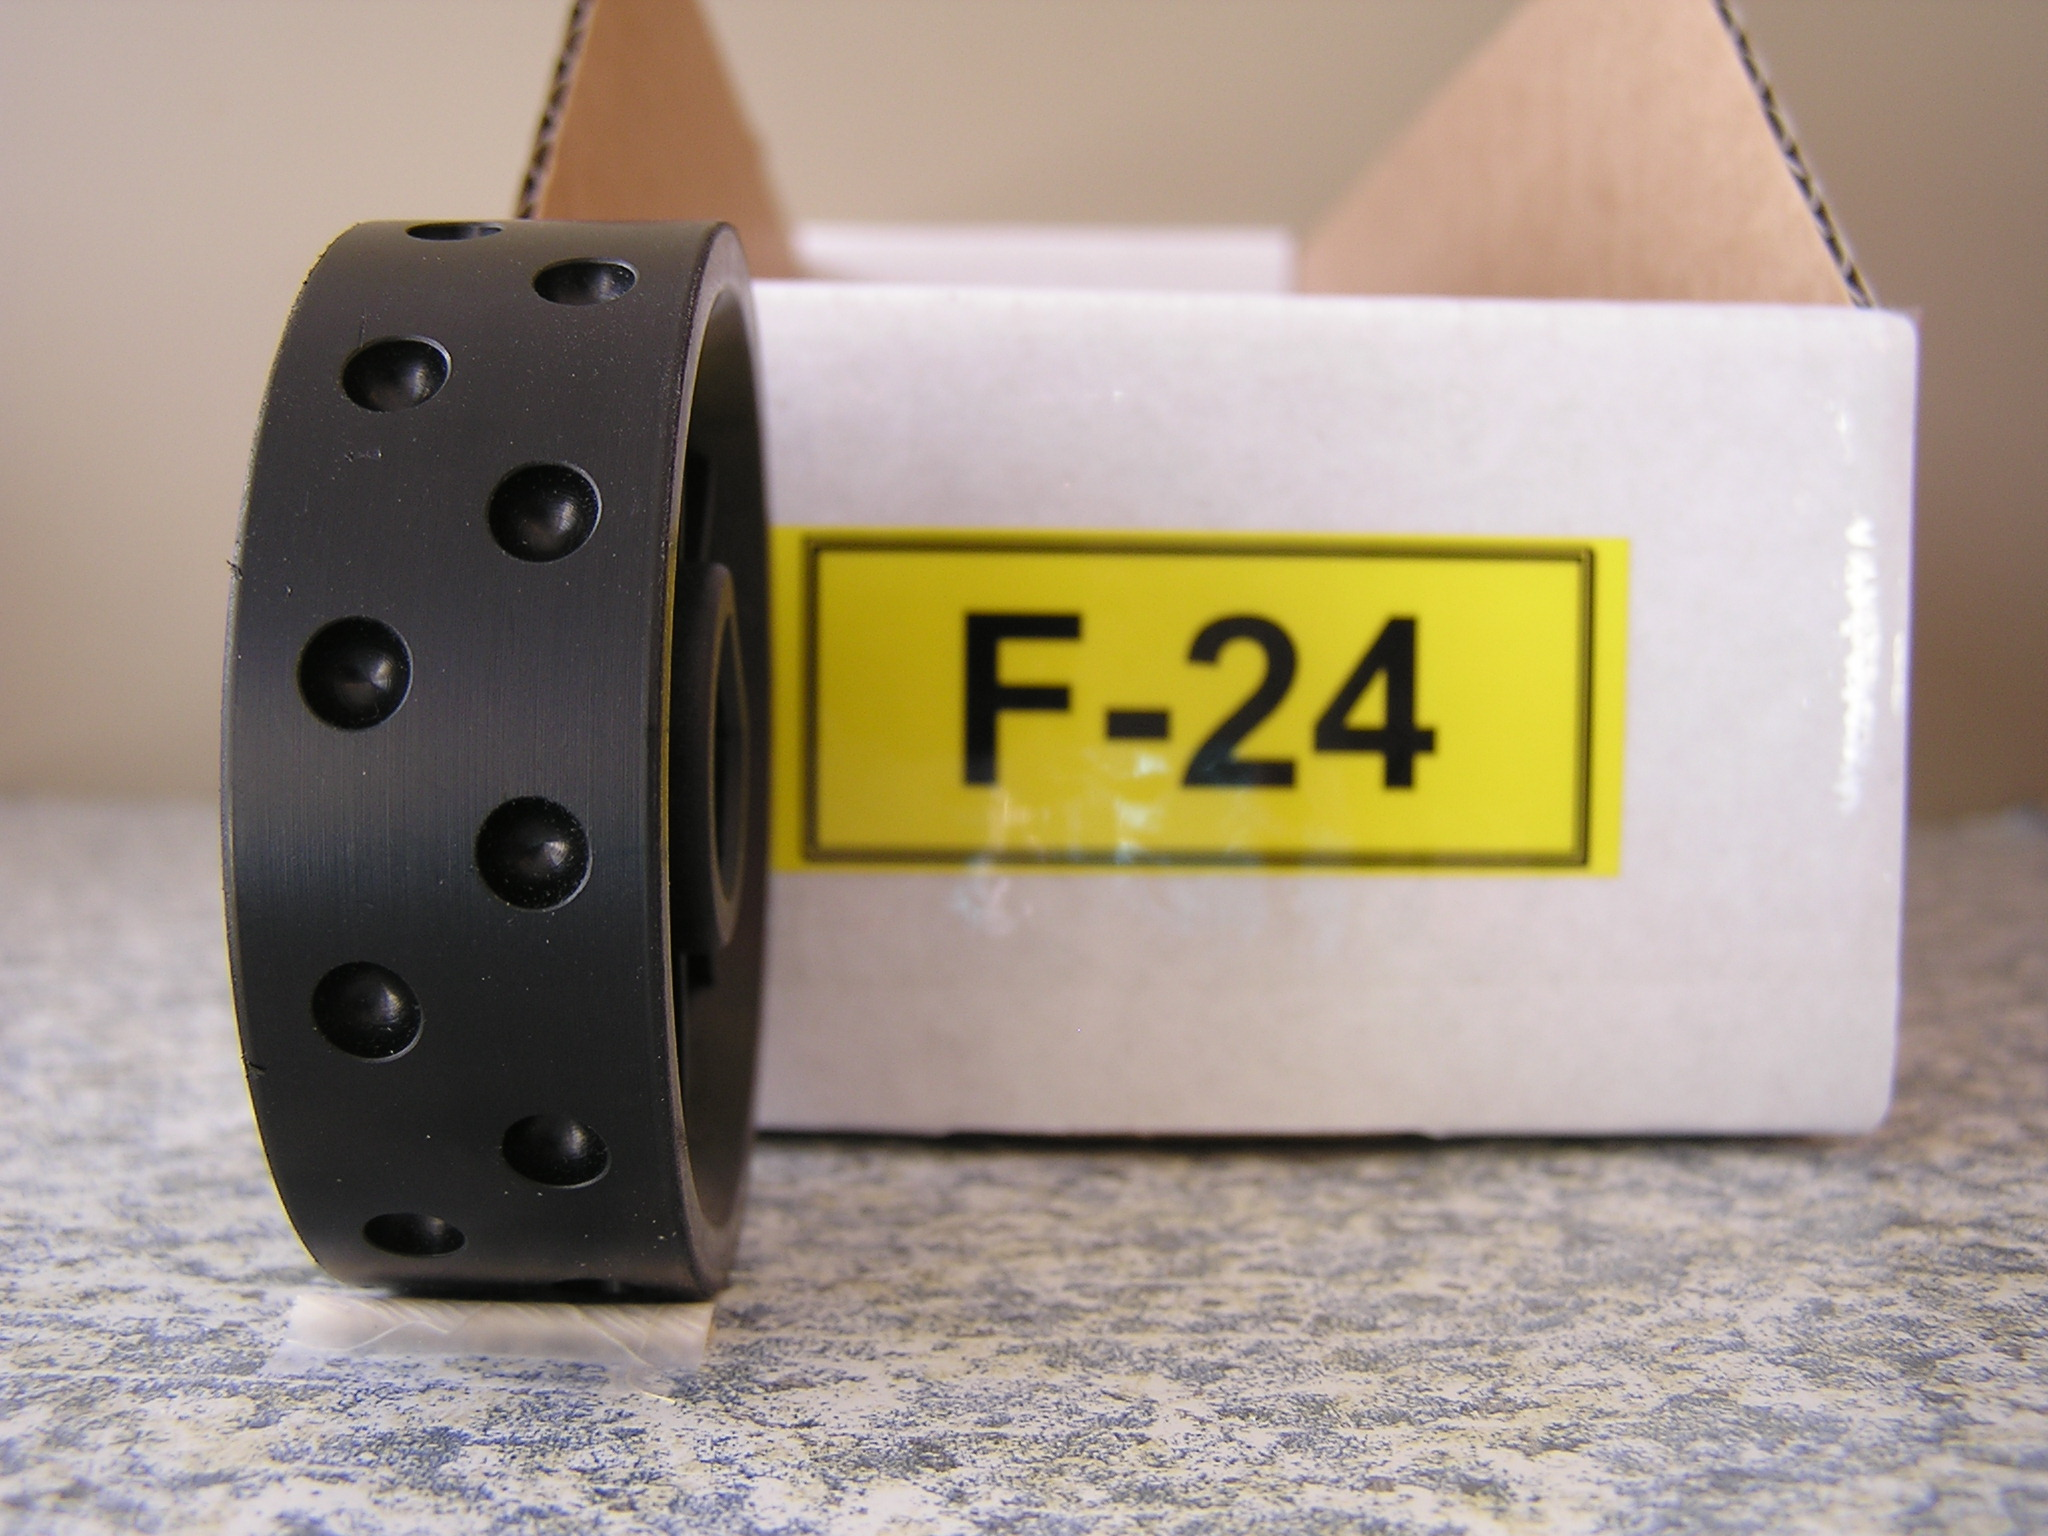 F-24 Roller for Jang Seeder, 5 mm Slot, 24 Slots on the Roller